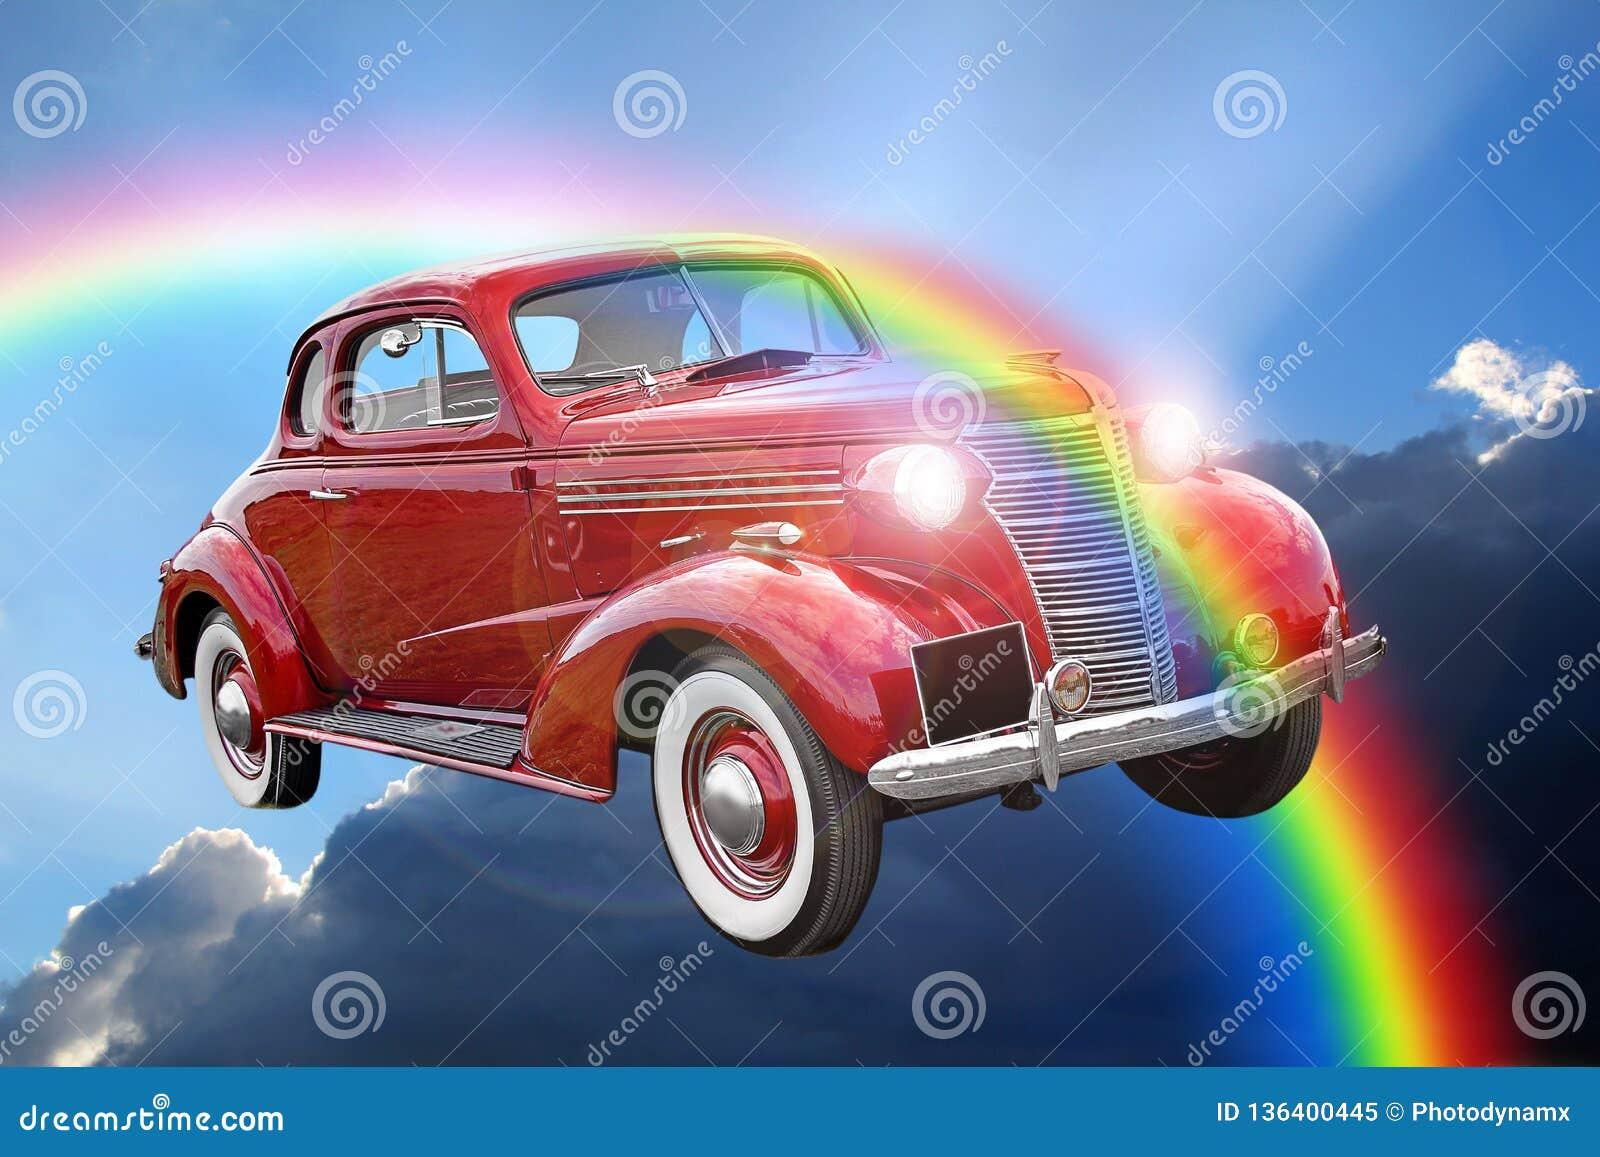 Passeio clássico do carro do vintage da fantasia através das nuvens do arco-íris